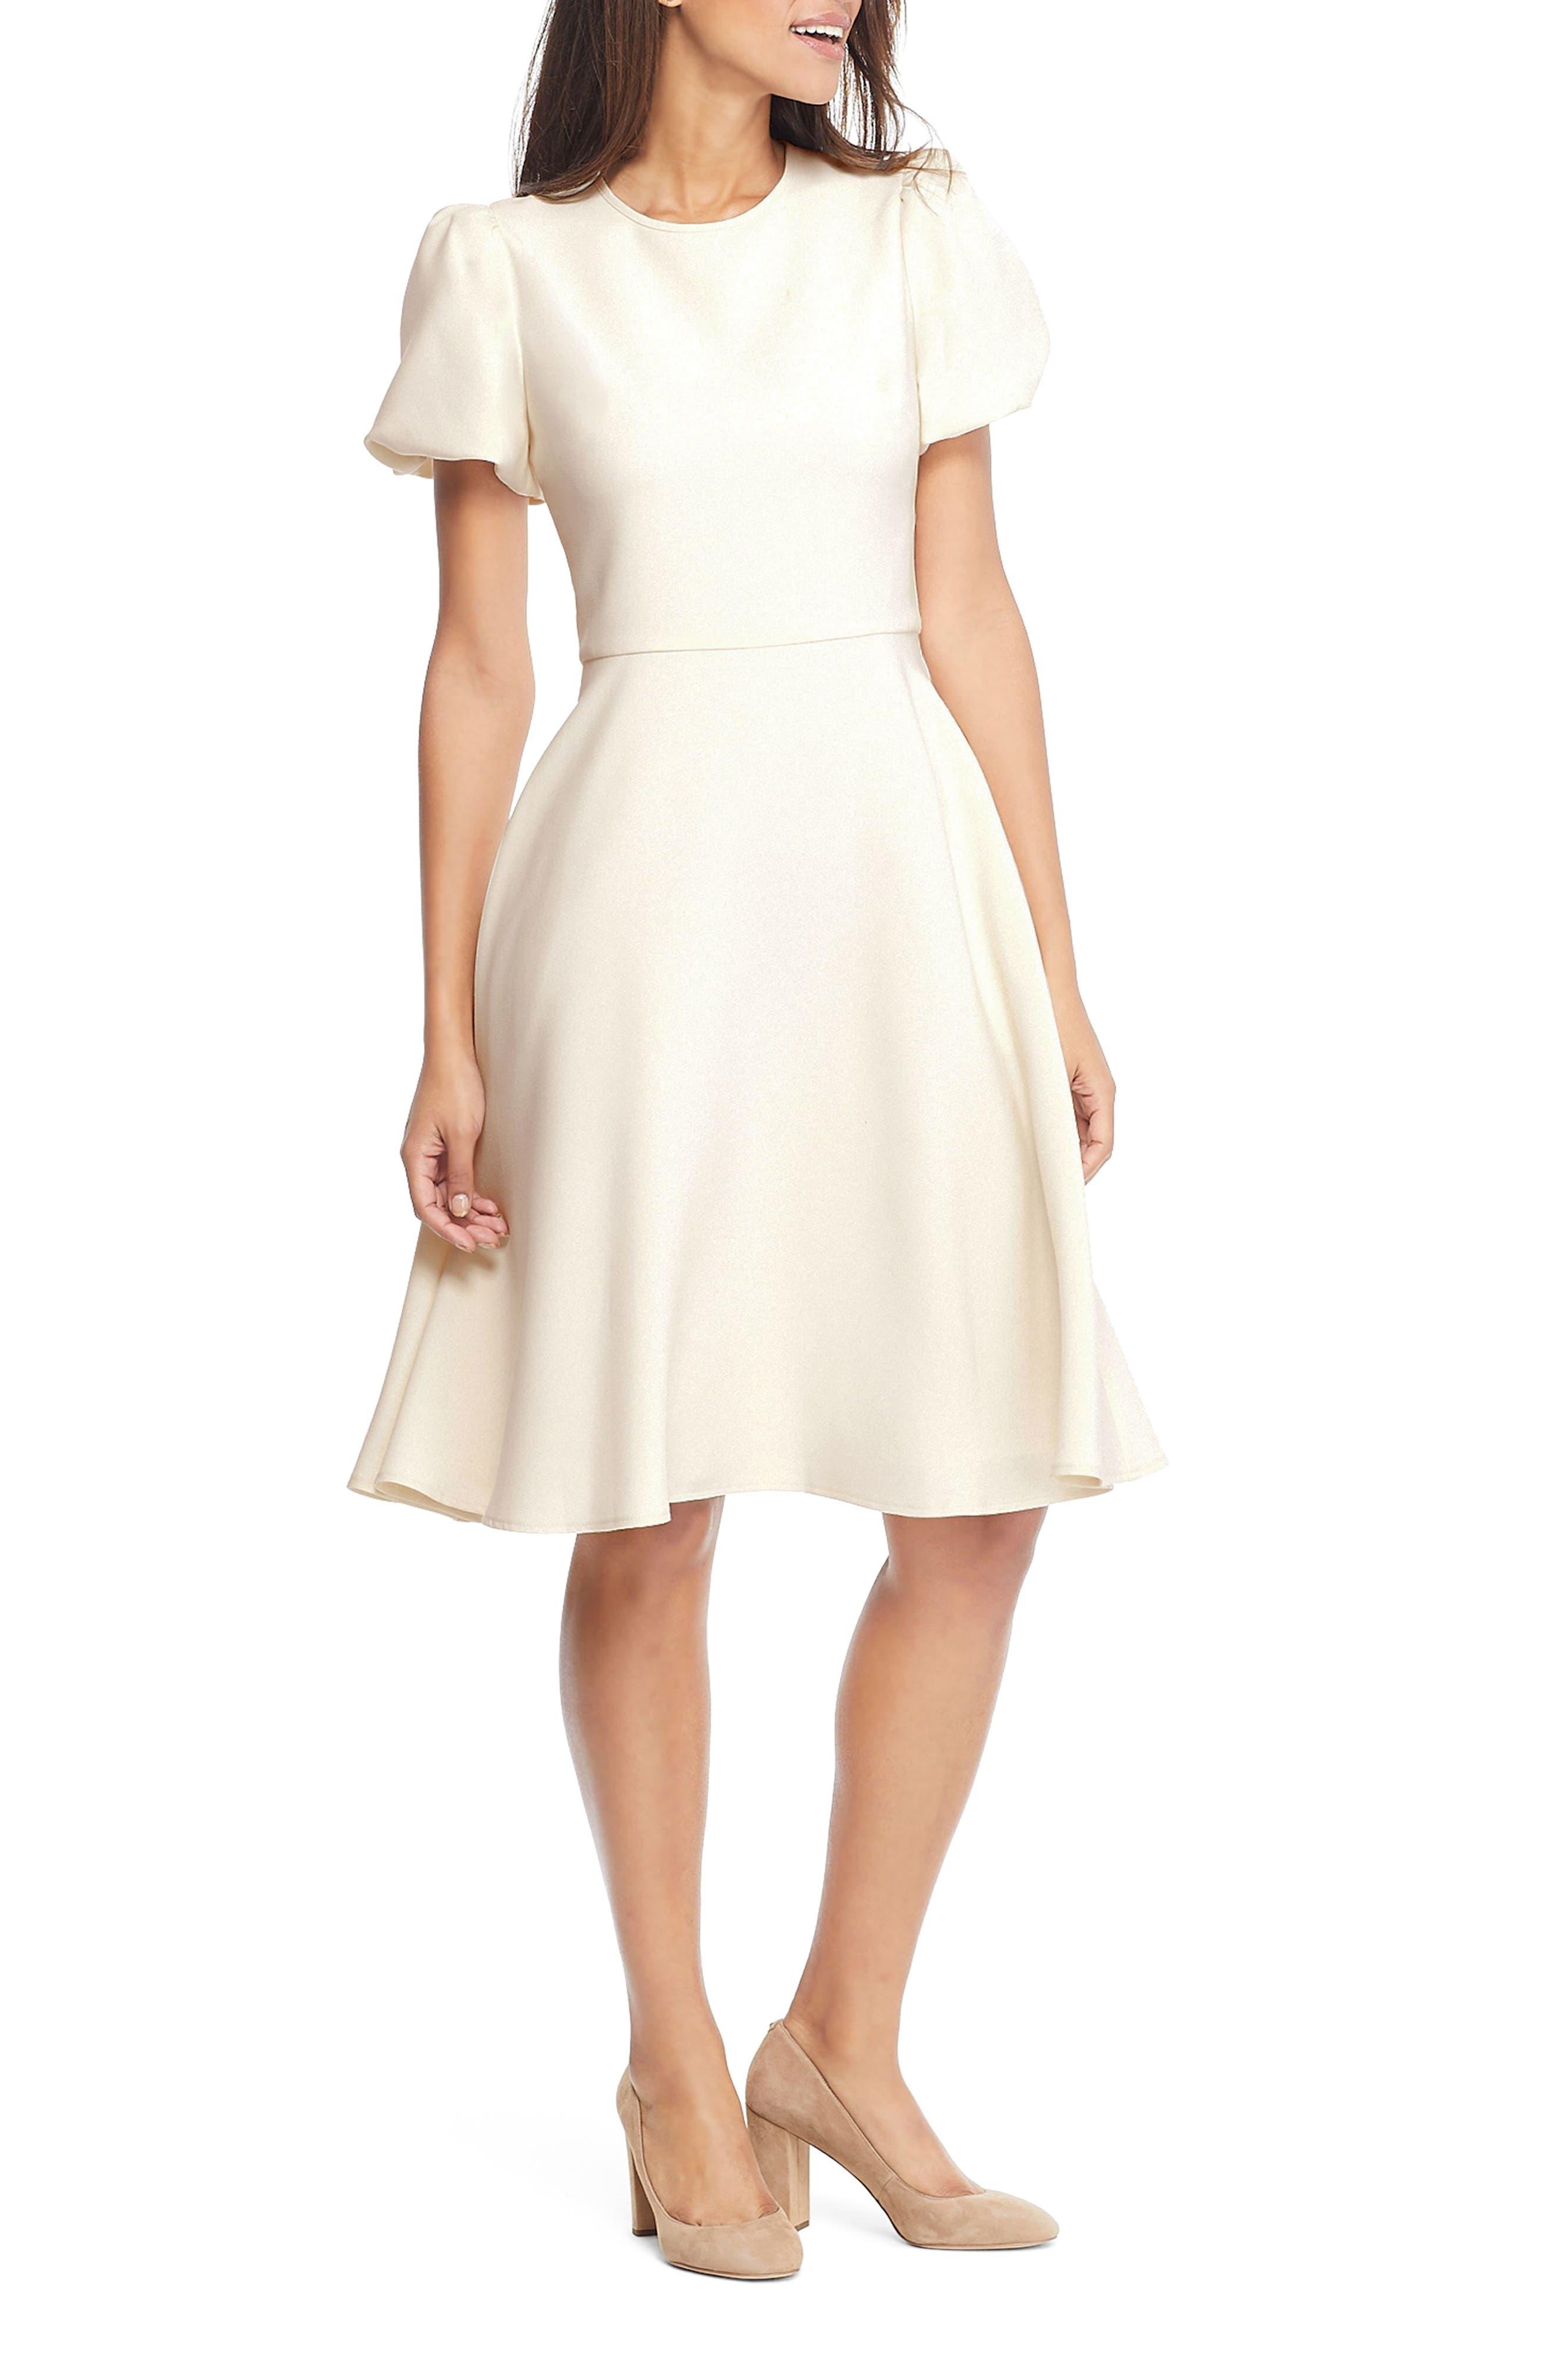 Nordstom's Dresses for Spring Wedding Guest